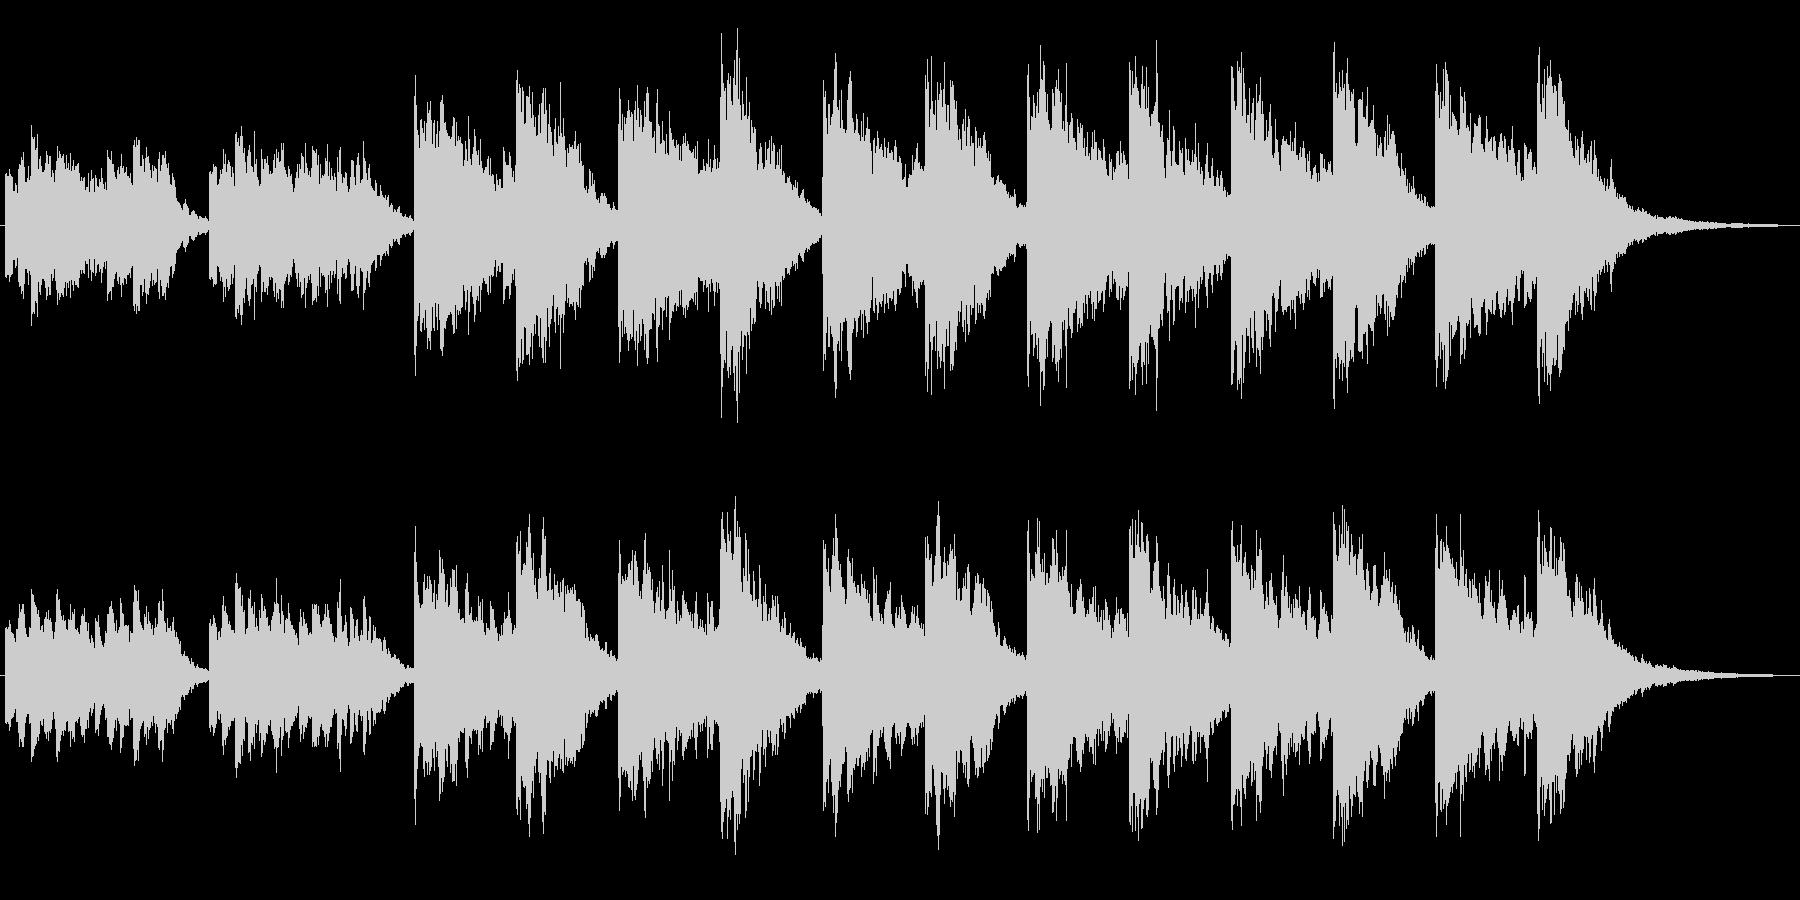 シンセによるキラキラしたジングル2の未再生の波形